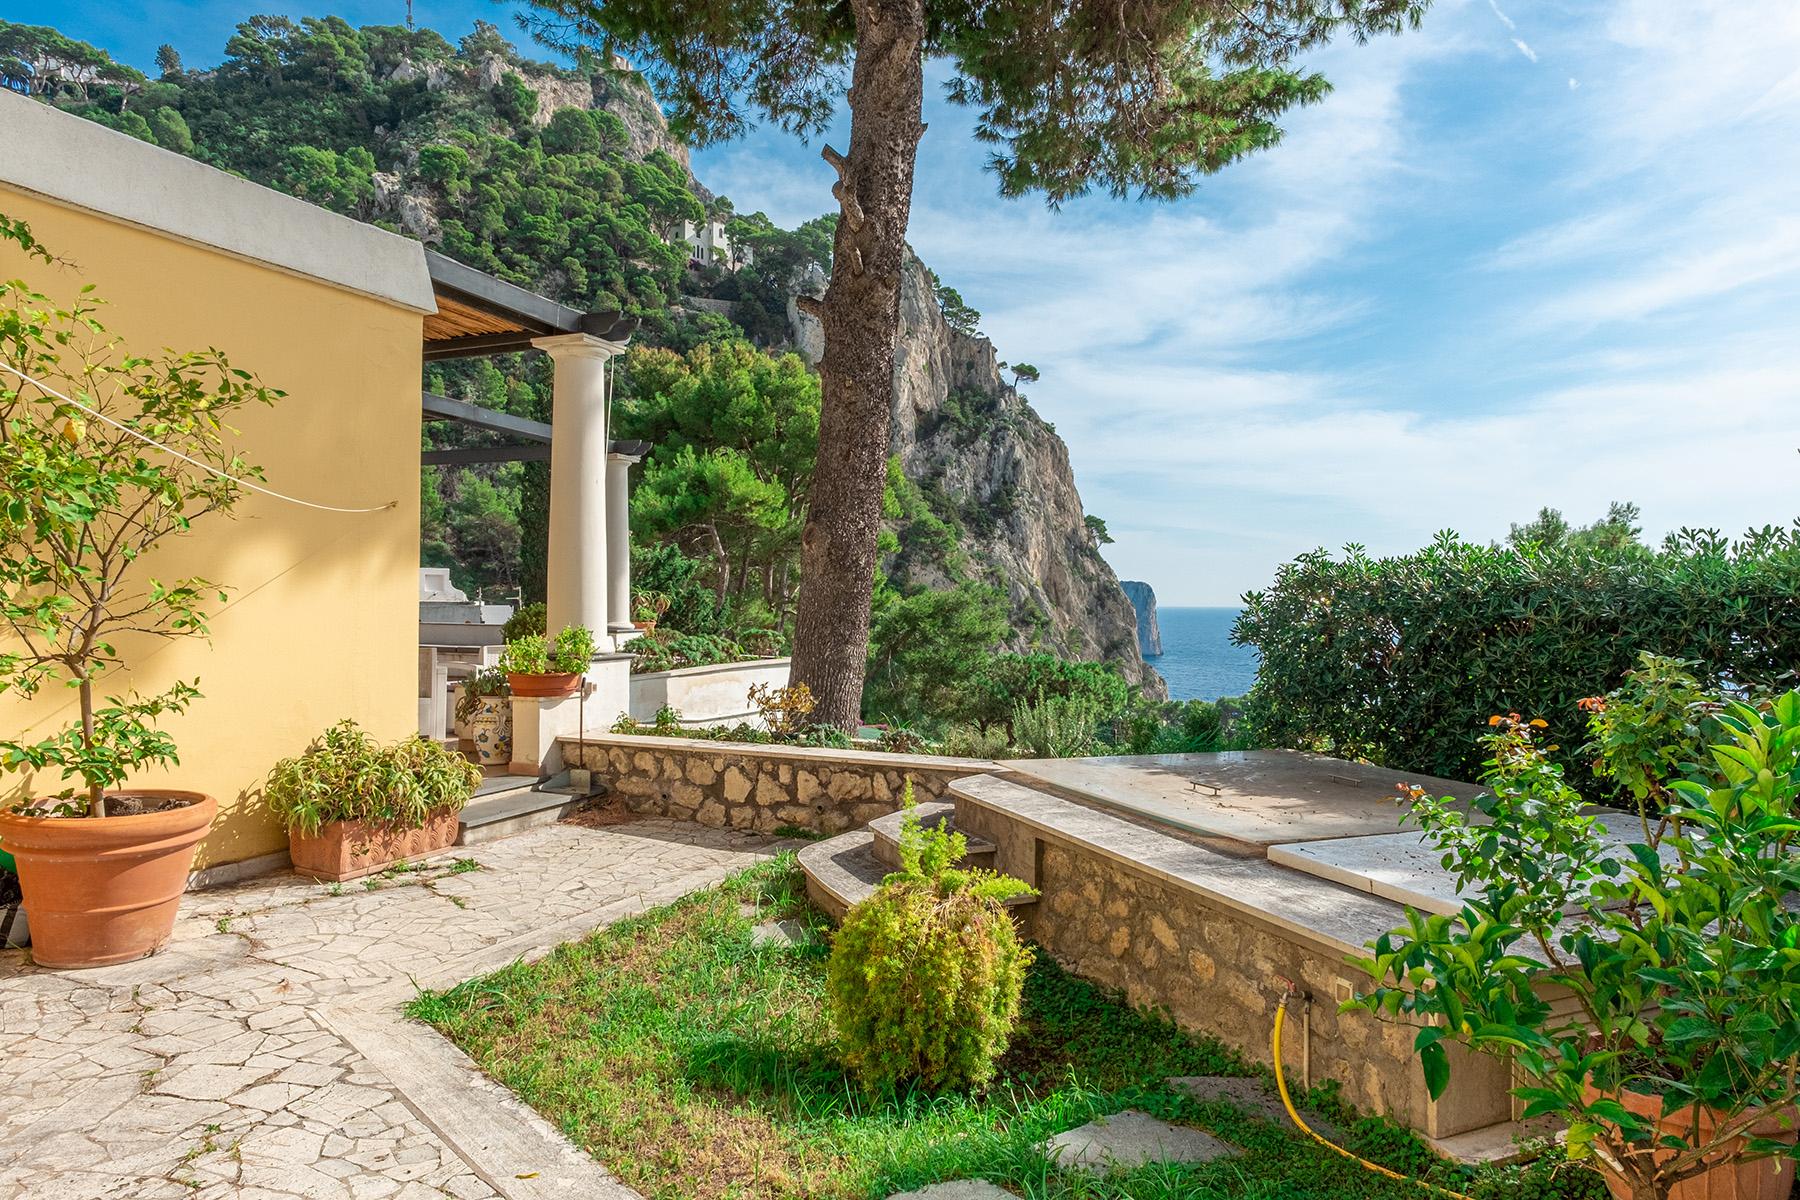 Villa in Vendita a Capri: 5 locali, 200 mq - Foto 4